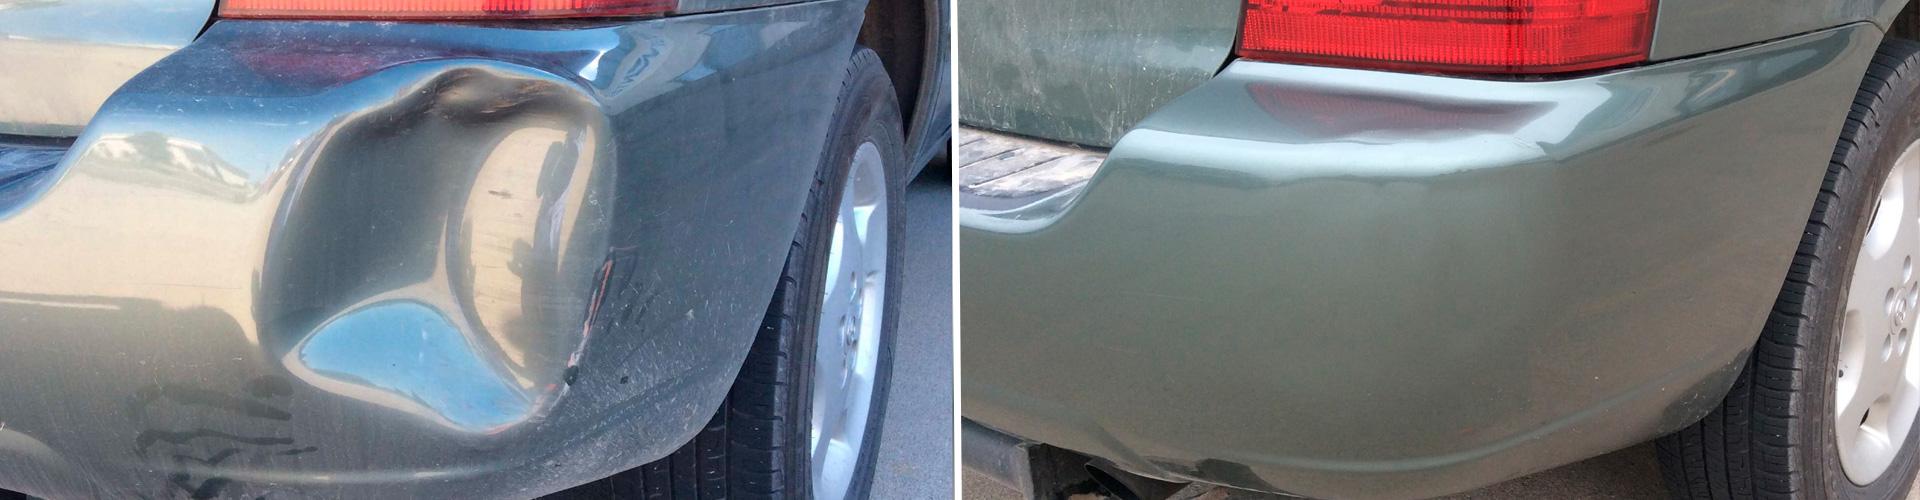 До и после кузовных работ